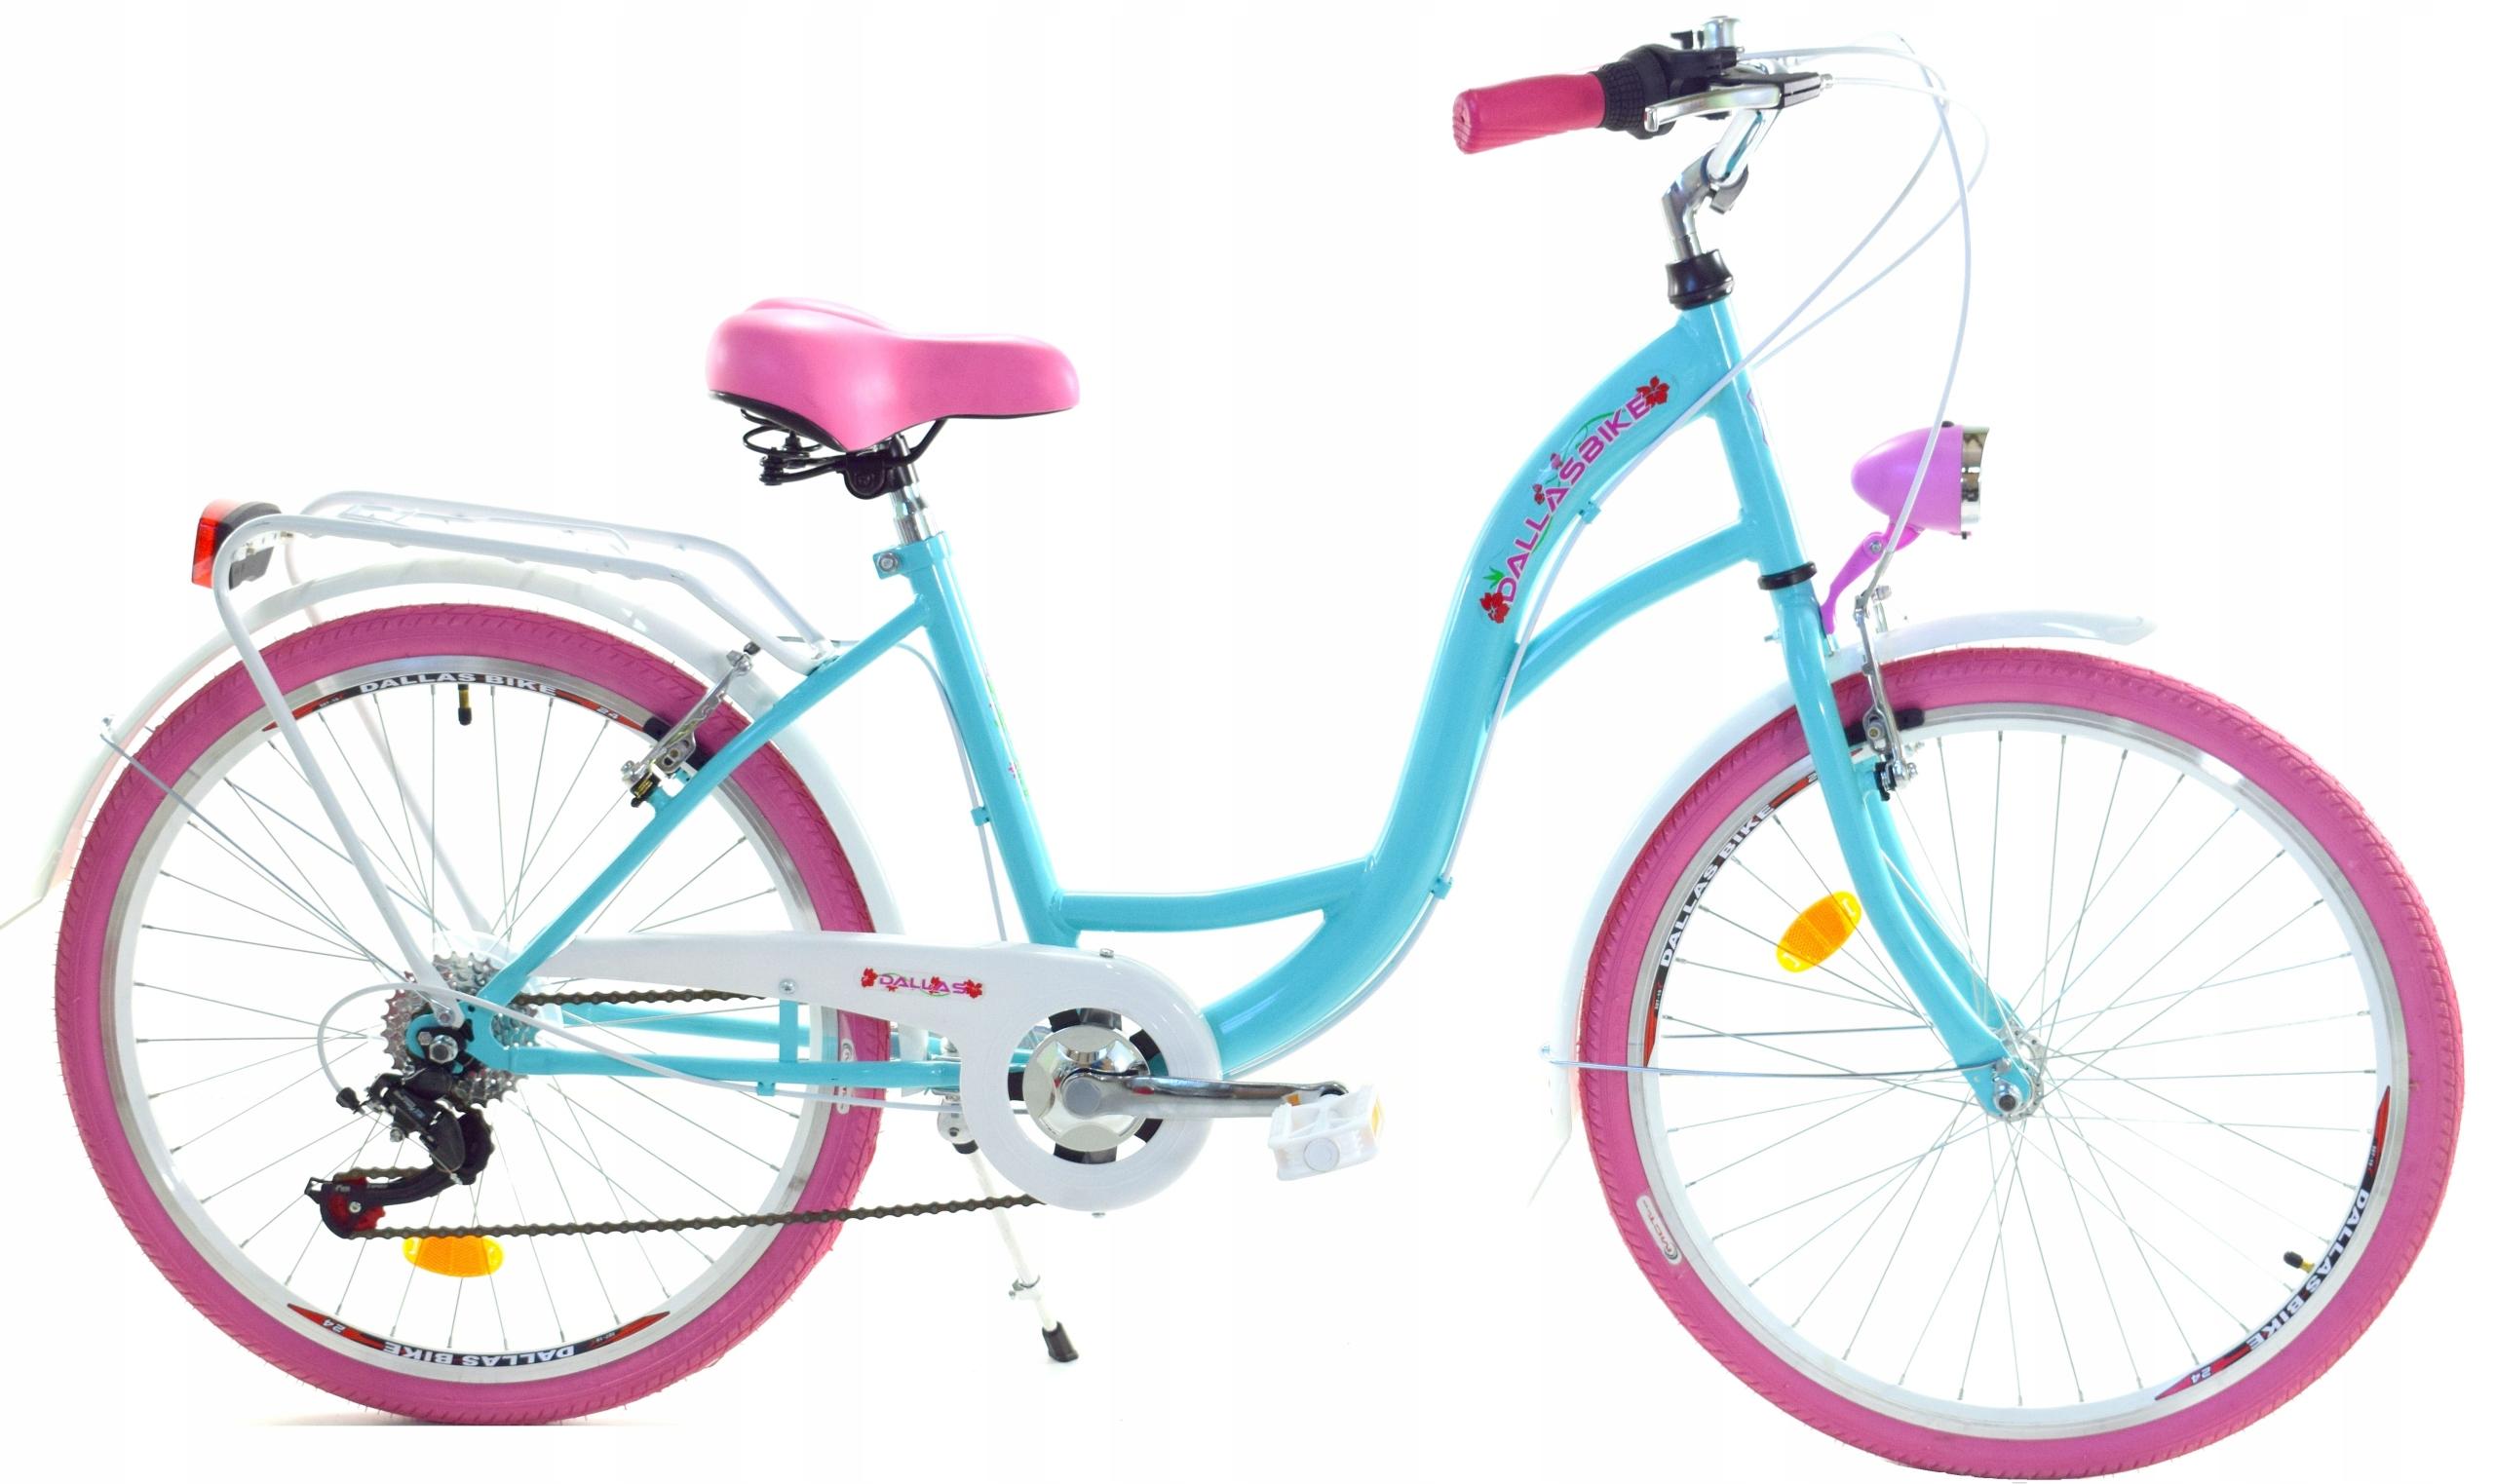 Bicykel pre dievča 26 prevodov Dallas na prijímanie Pohlavie dievča